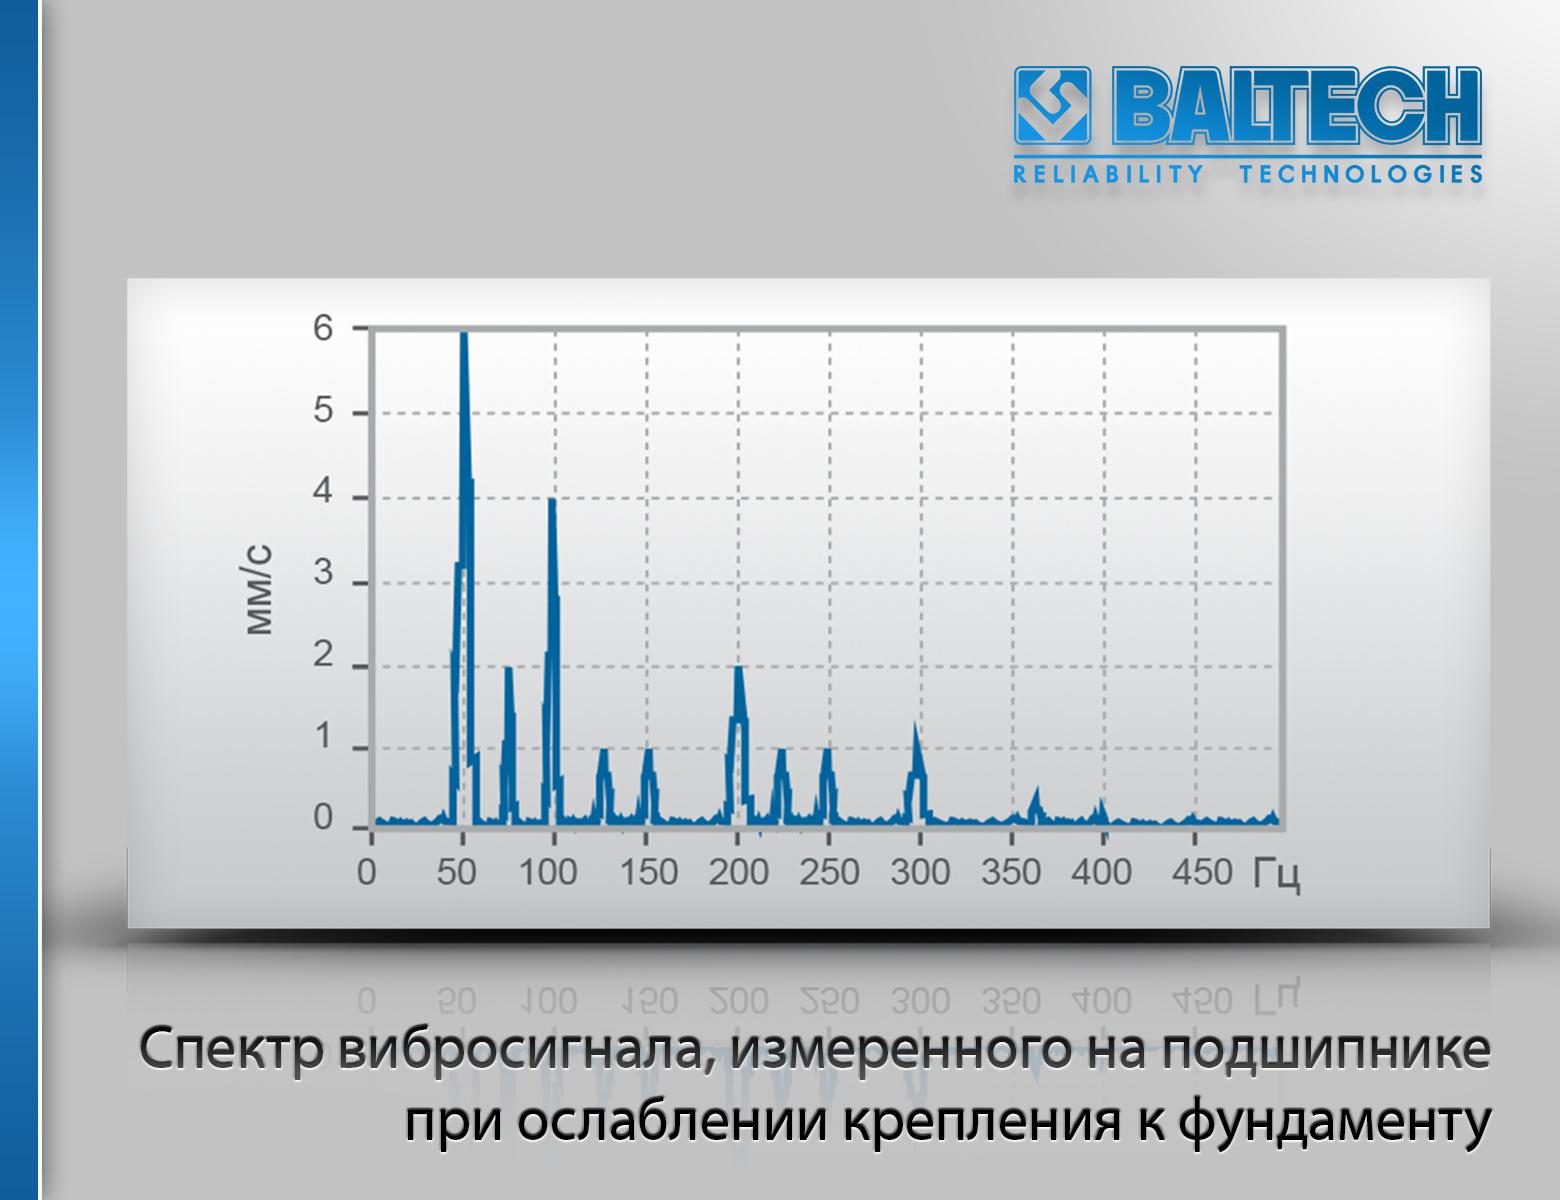 Спектр вибросигнала, измеренного на подшипнике при ослаблении крепления к фундаменту